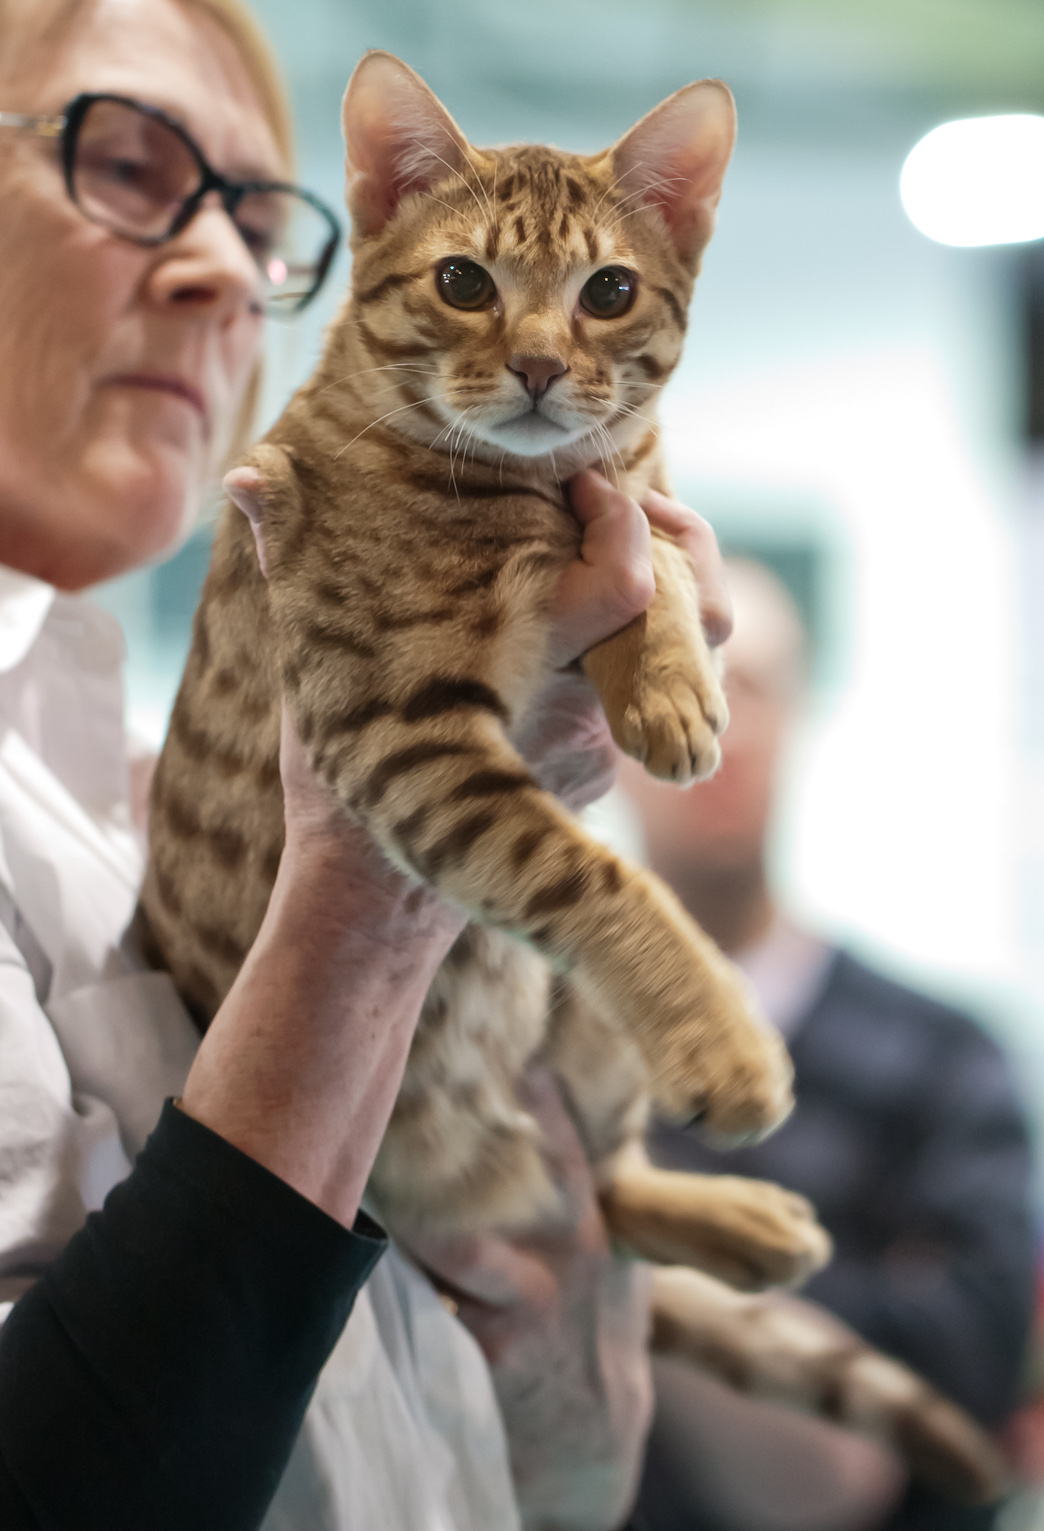 Topspot Gato-Do-Mato [OCI b 24], photo 189095, 2012-03-03